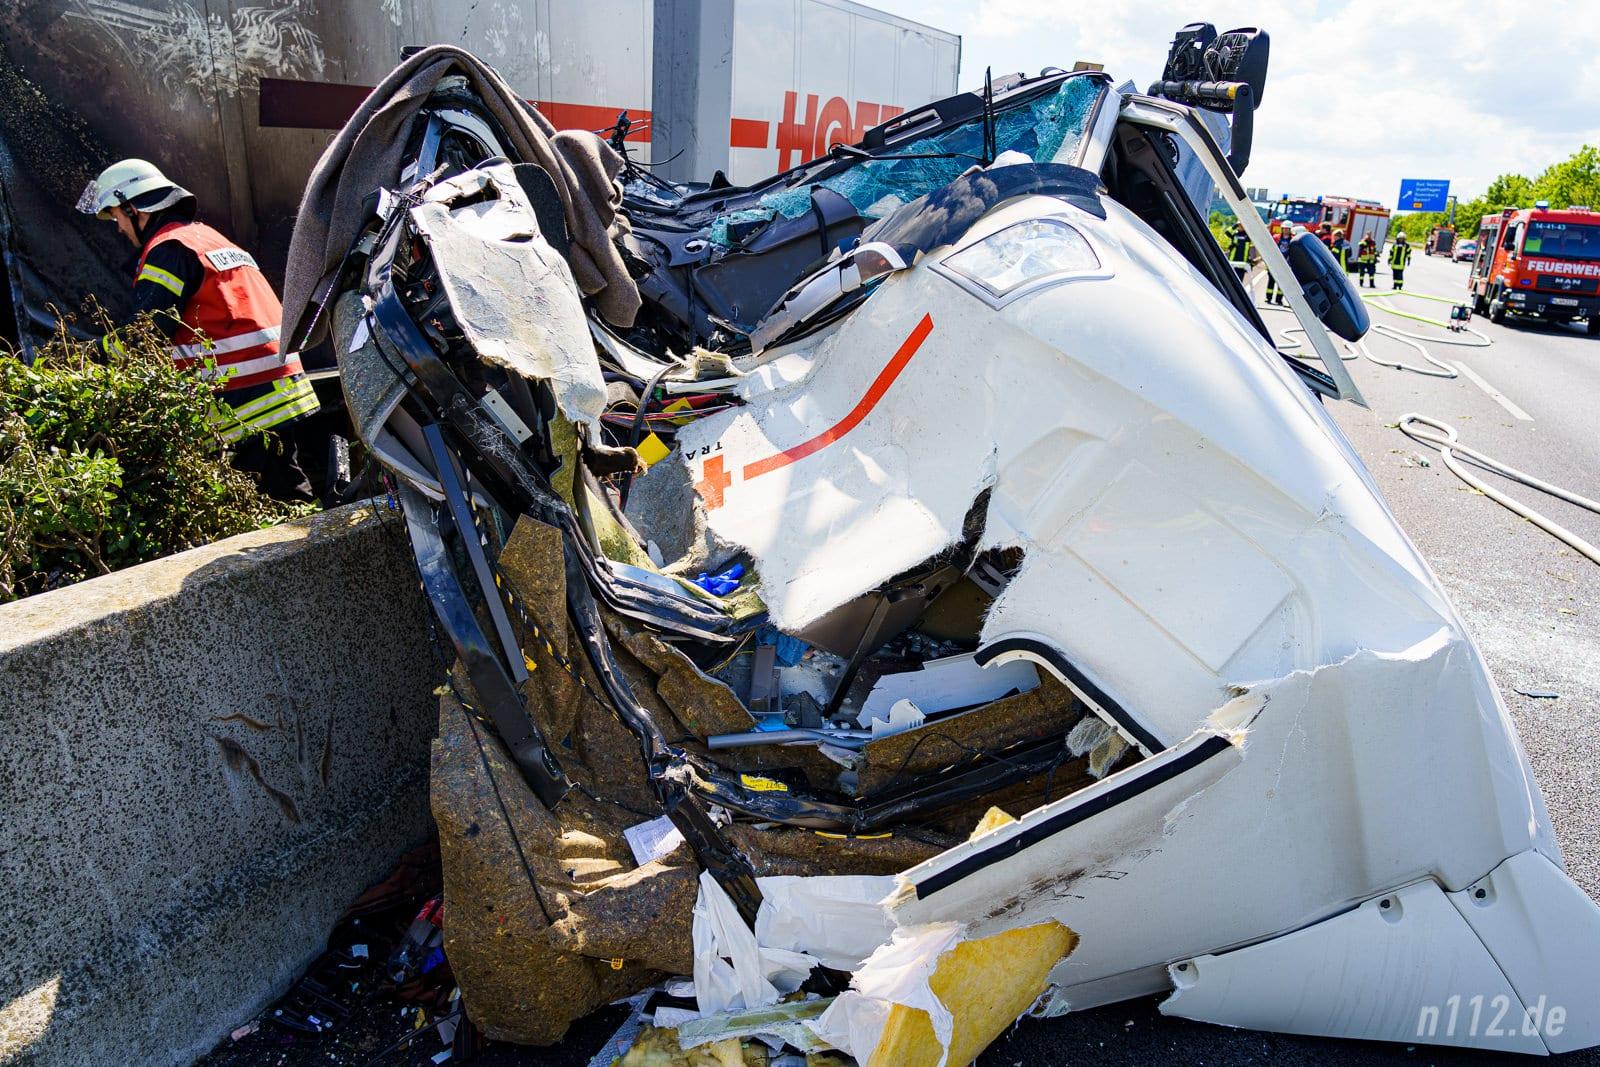 Die völlig demolierte Fahrerkabine liegt abgerissen auf der Gegenfahrbahn (Foto: n112.de/Stefan Hillen)